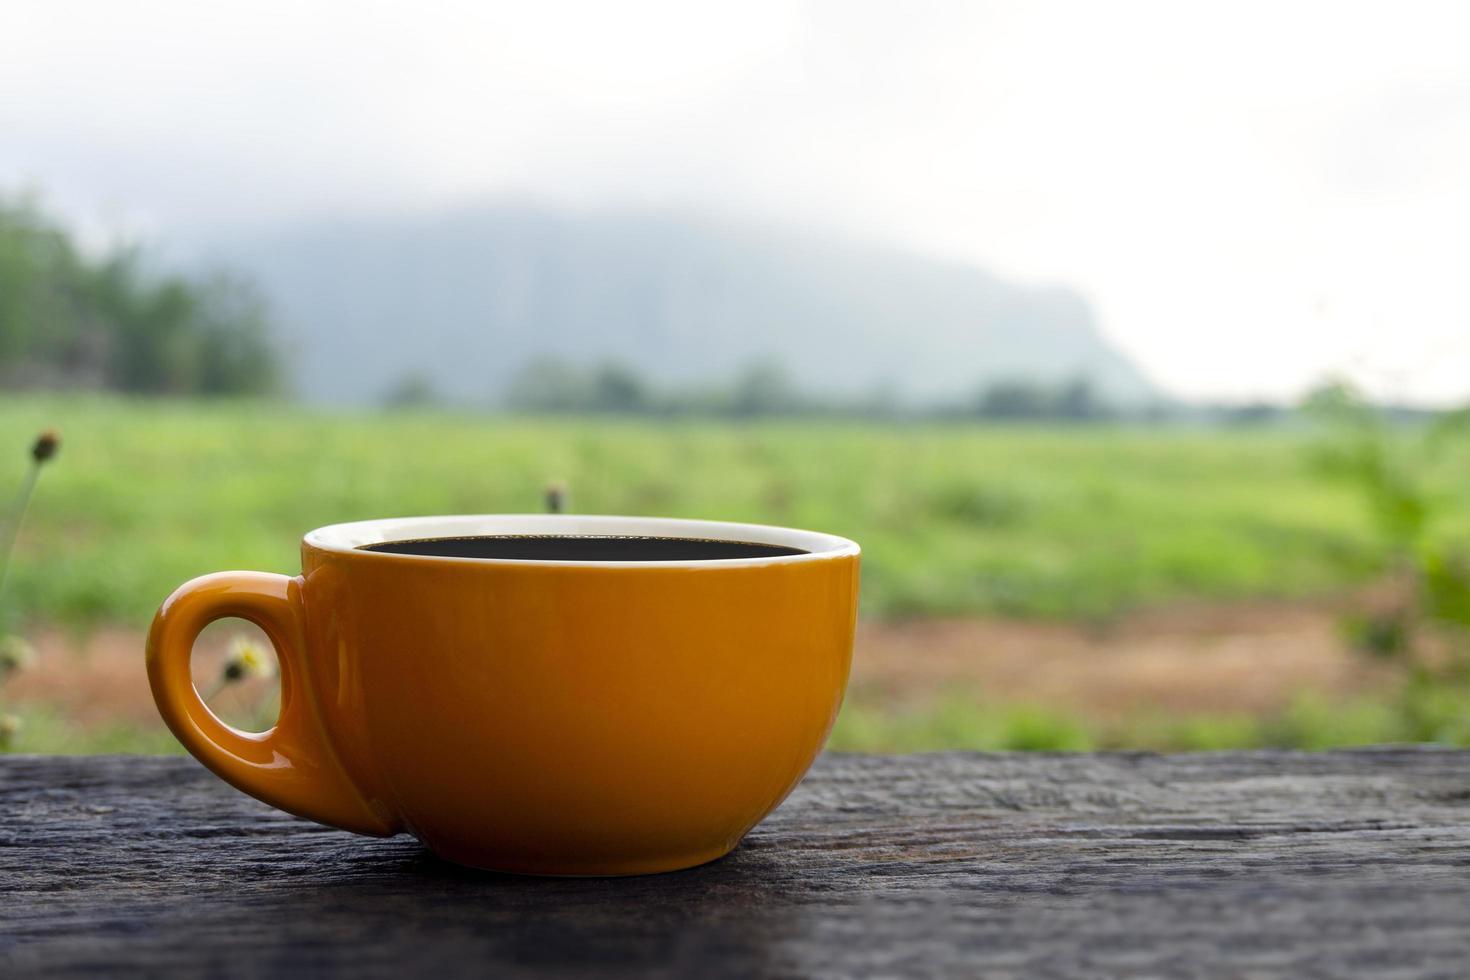 taza de café en la mesa en un pintoresco escenario al aire libre foto